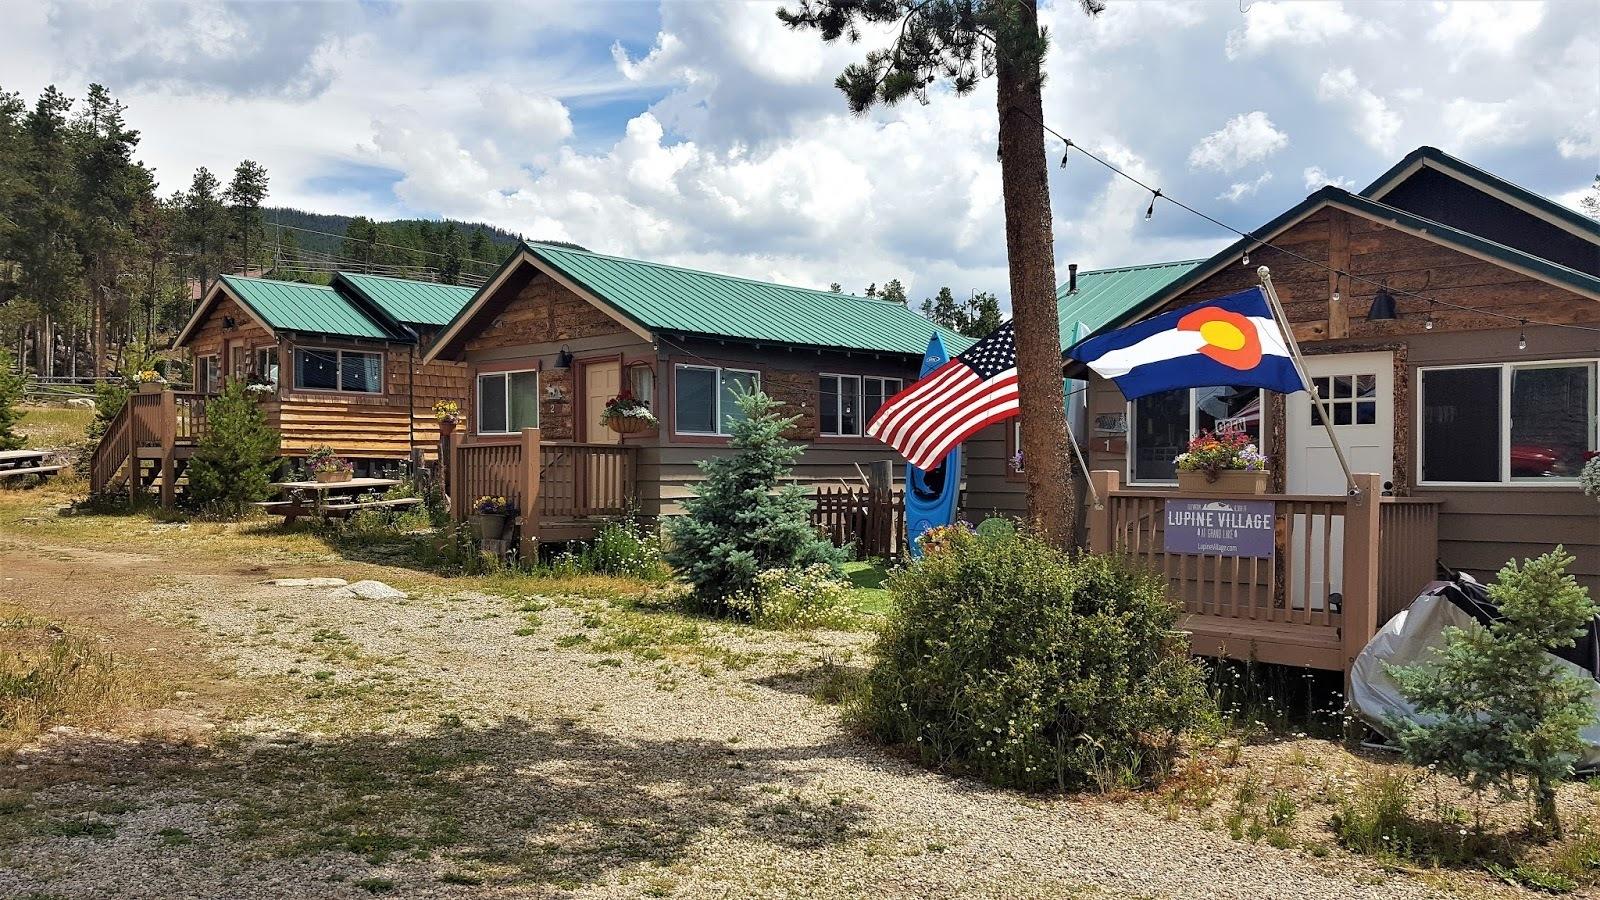 Lupine Village at Grand Lake